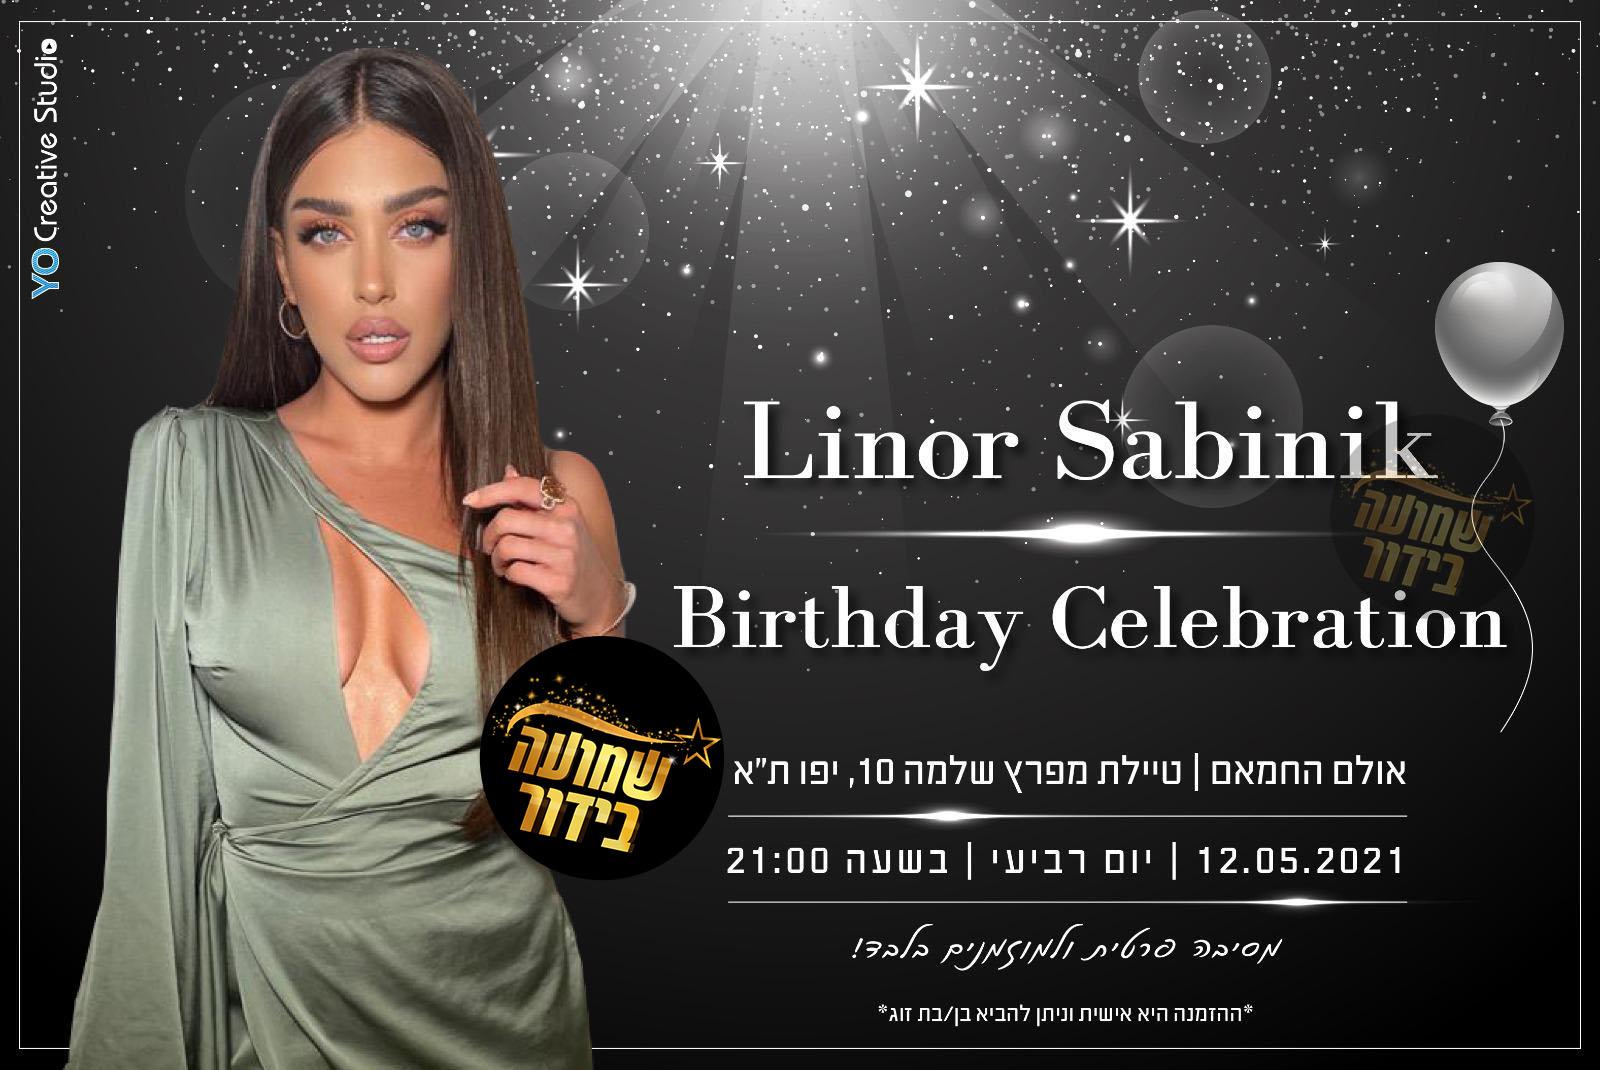 הפתעת יום הולדת: רמי ורד יגיע למסיבת הענק של לינור סביניק!?